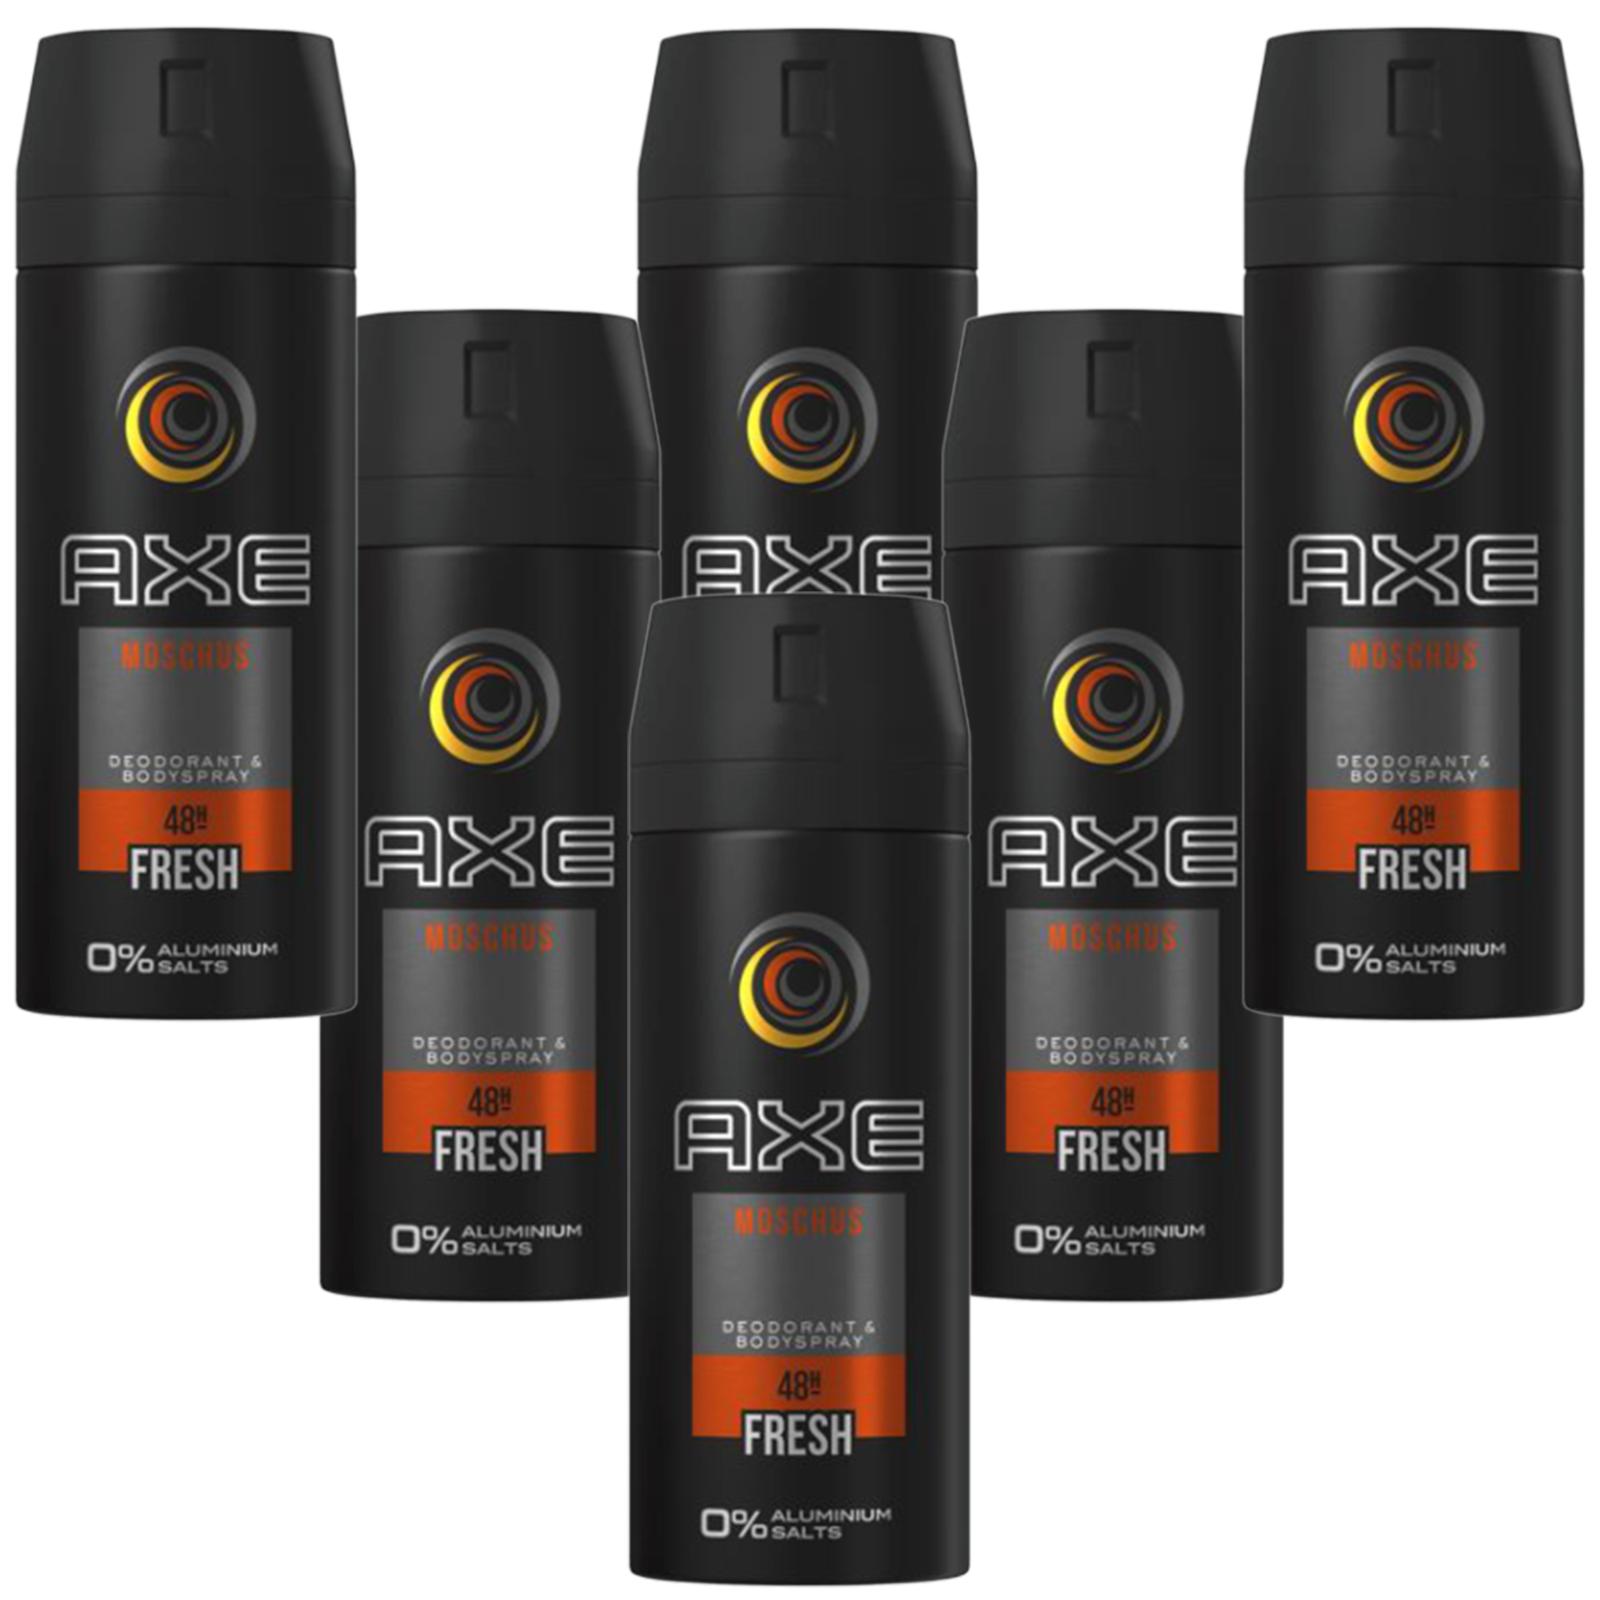 Deo Axe Moschus 6 x 150ml Deospray Deodorant Bodyspray ohne Aluminium Herren